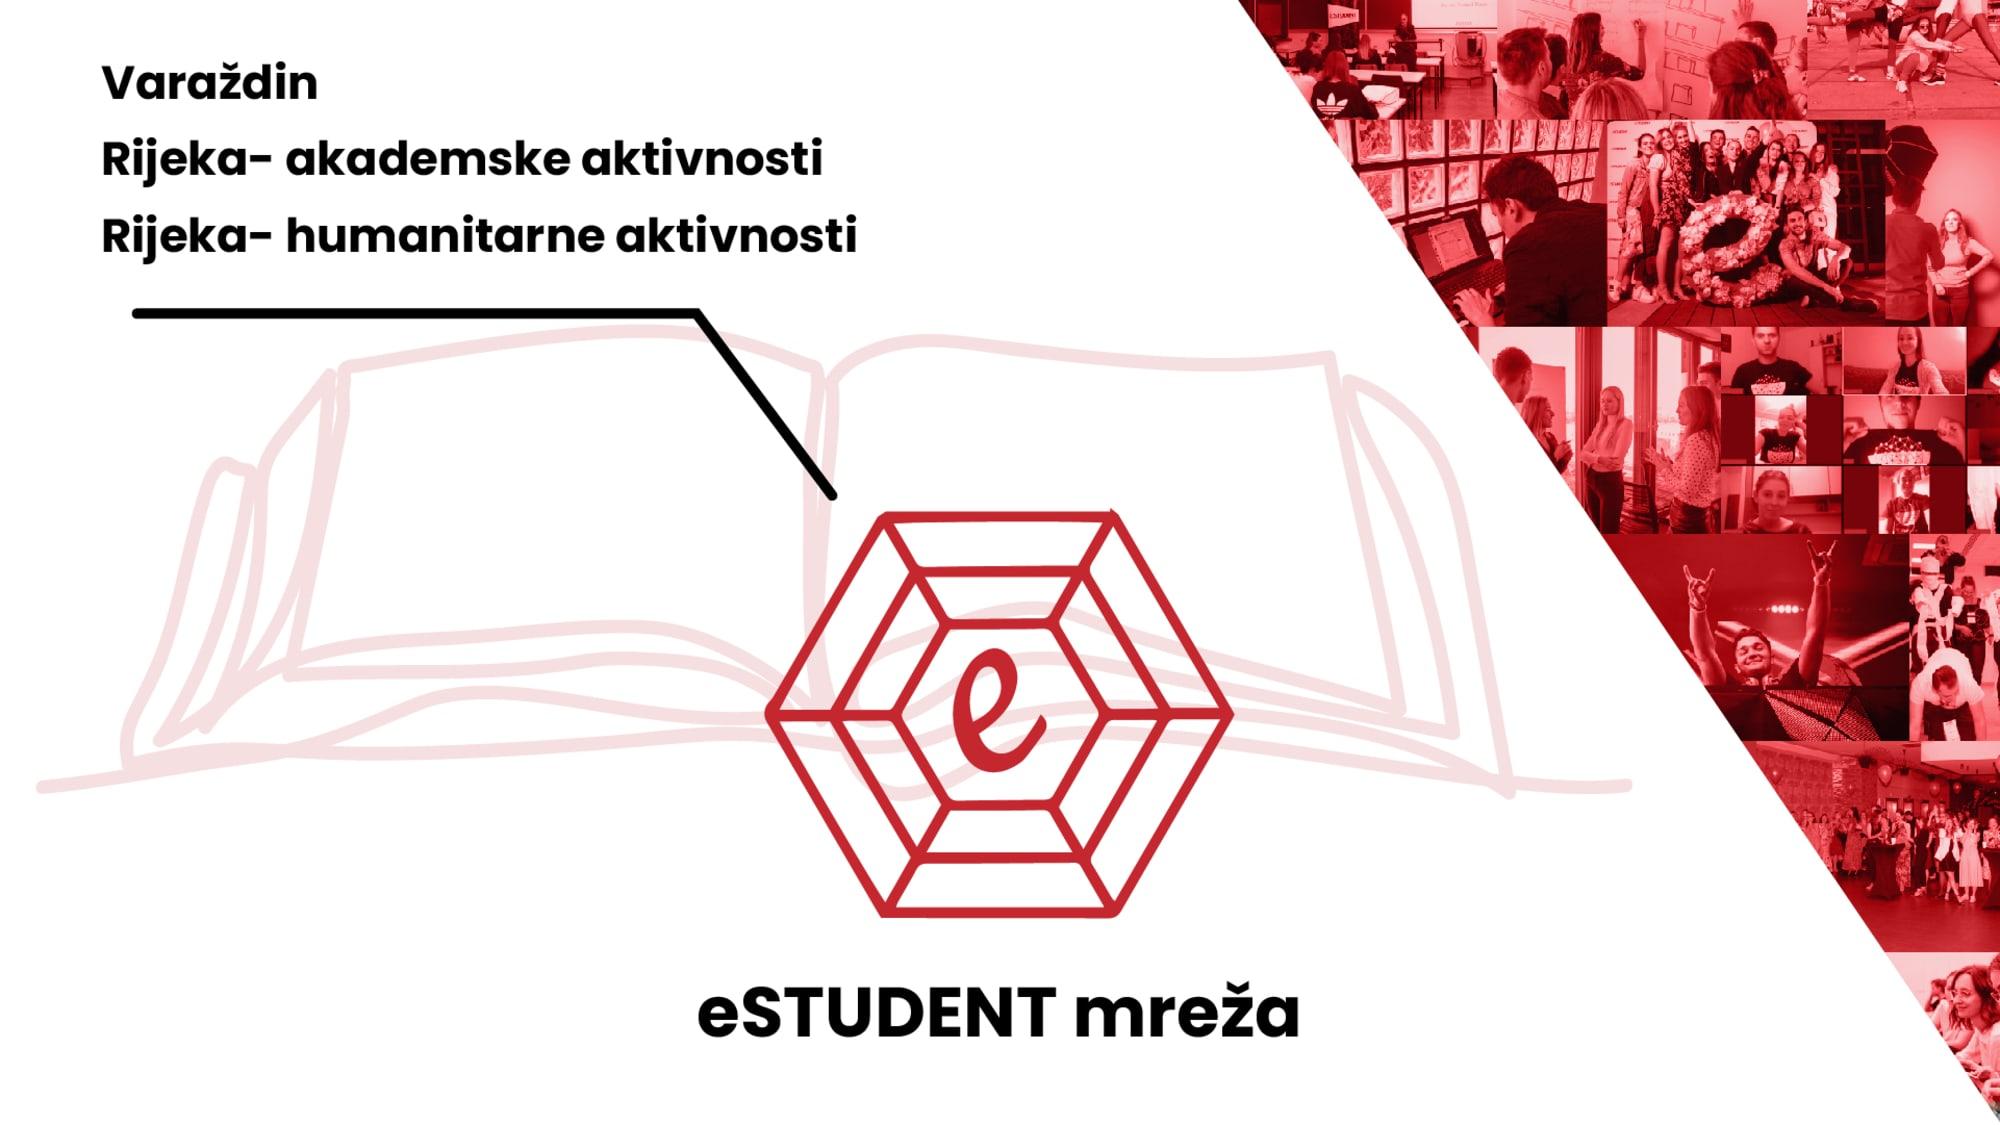 eSTUDENT razvija mrežu izvrsnosti u Rijeci i Varaždinu